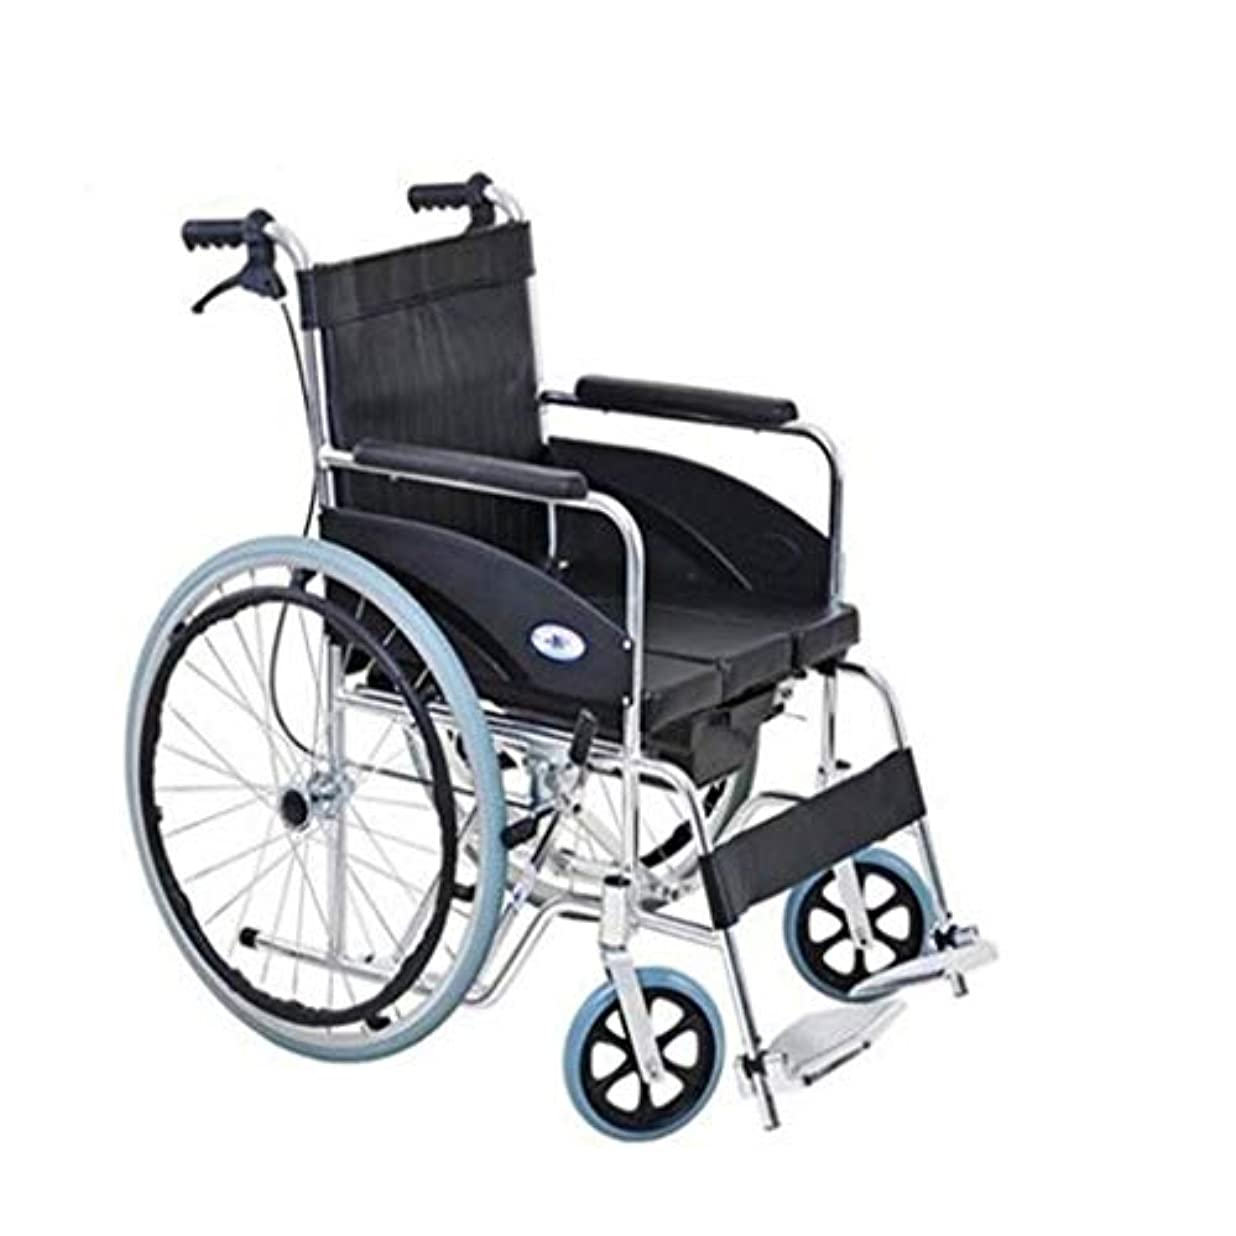 ベスト配送選択車椅子トロリー多機能安全ブレーキ、折りたたみ式軽量アルミニウム合金、高齢者障害者用屋外プッシュ車椅子